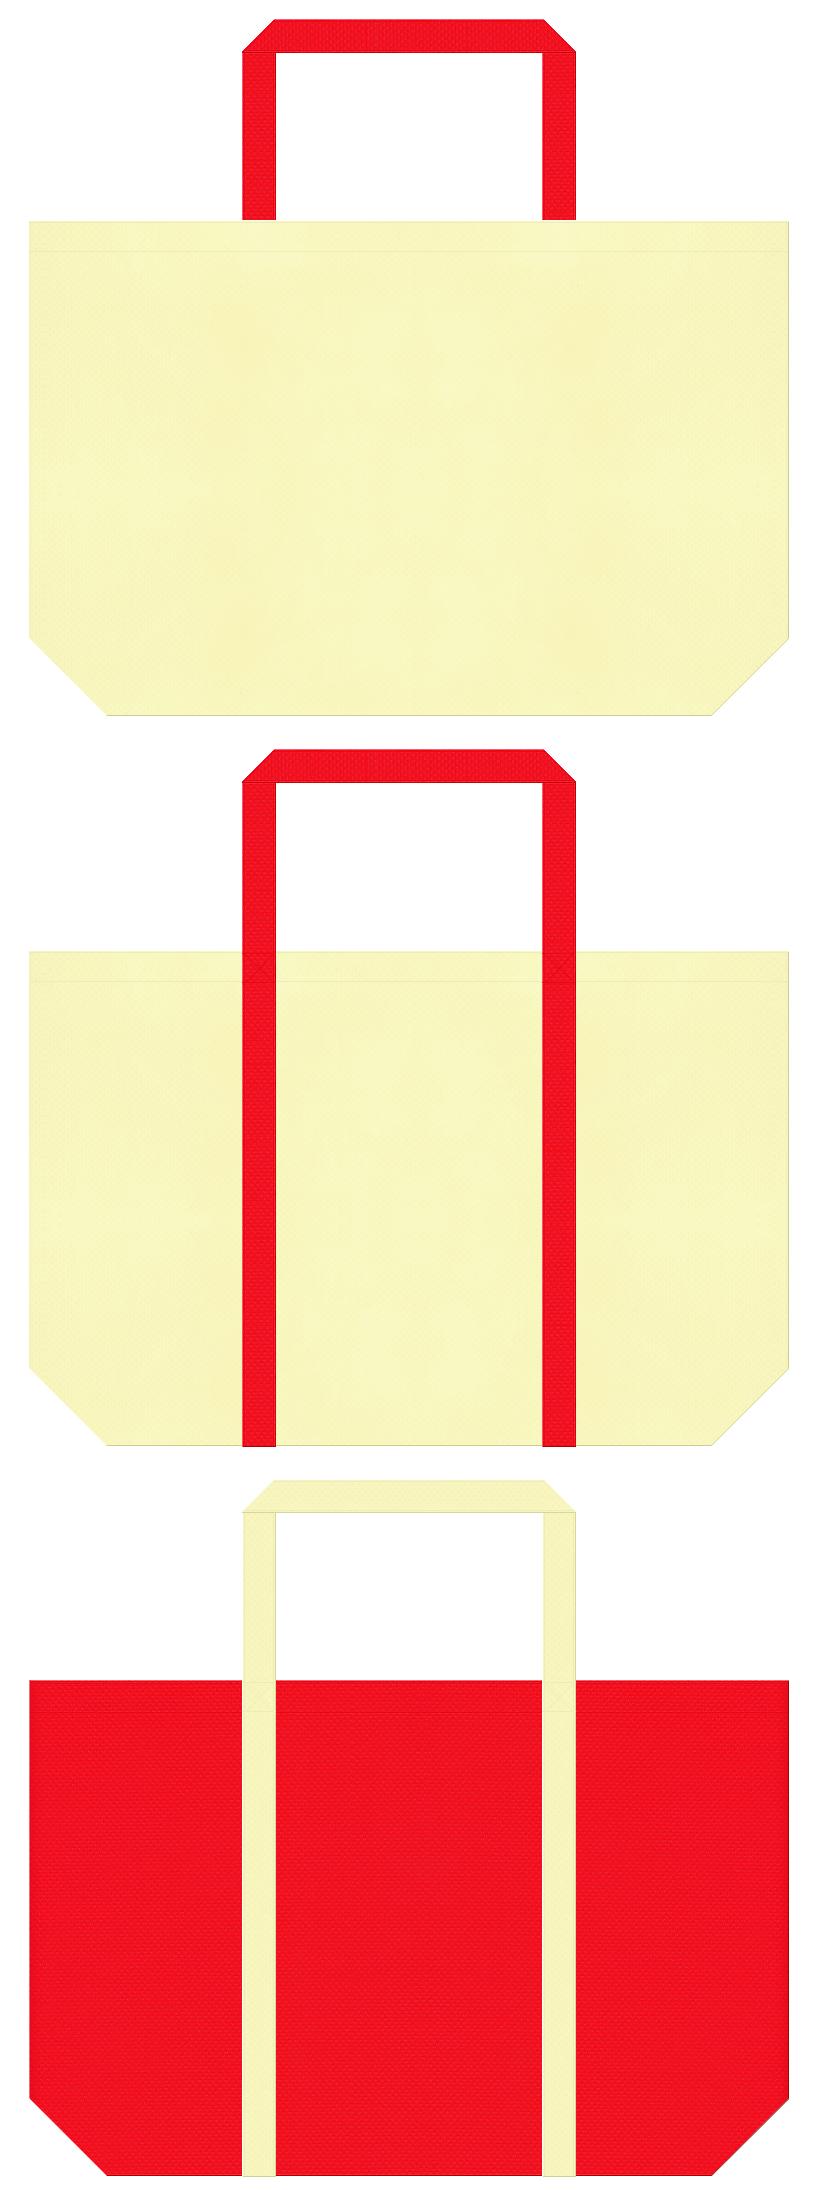 薄黄色と赤色の不織布マイバッグデザイン:ピザ風の配色です。